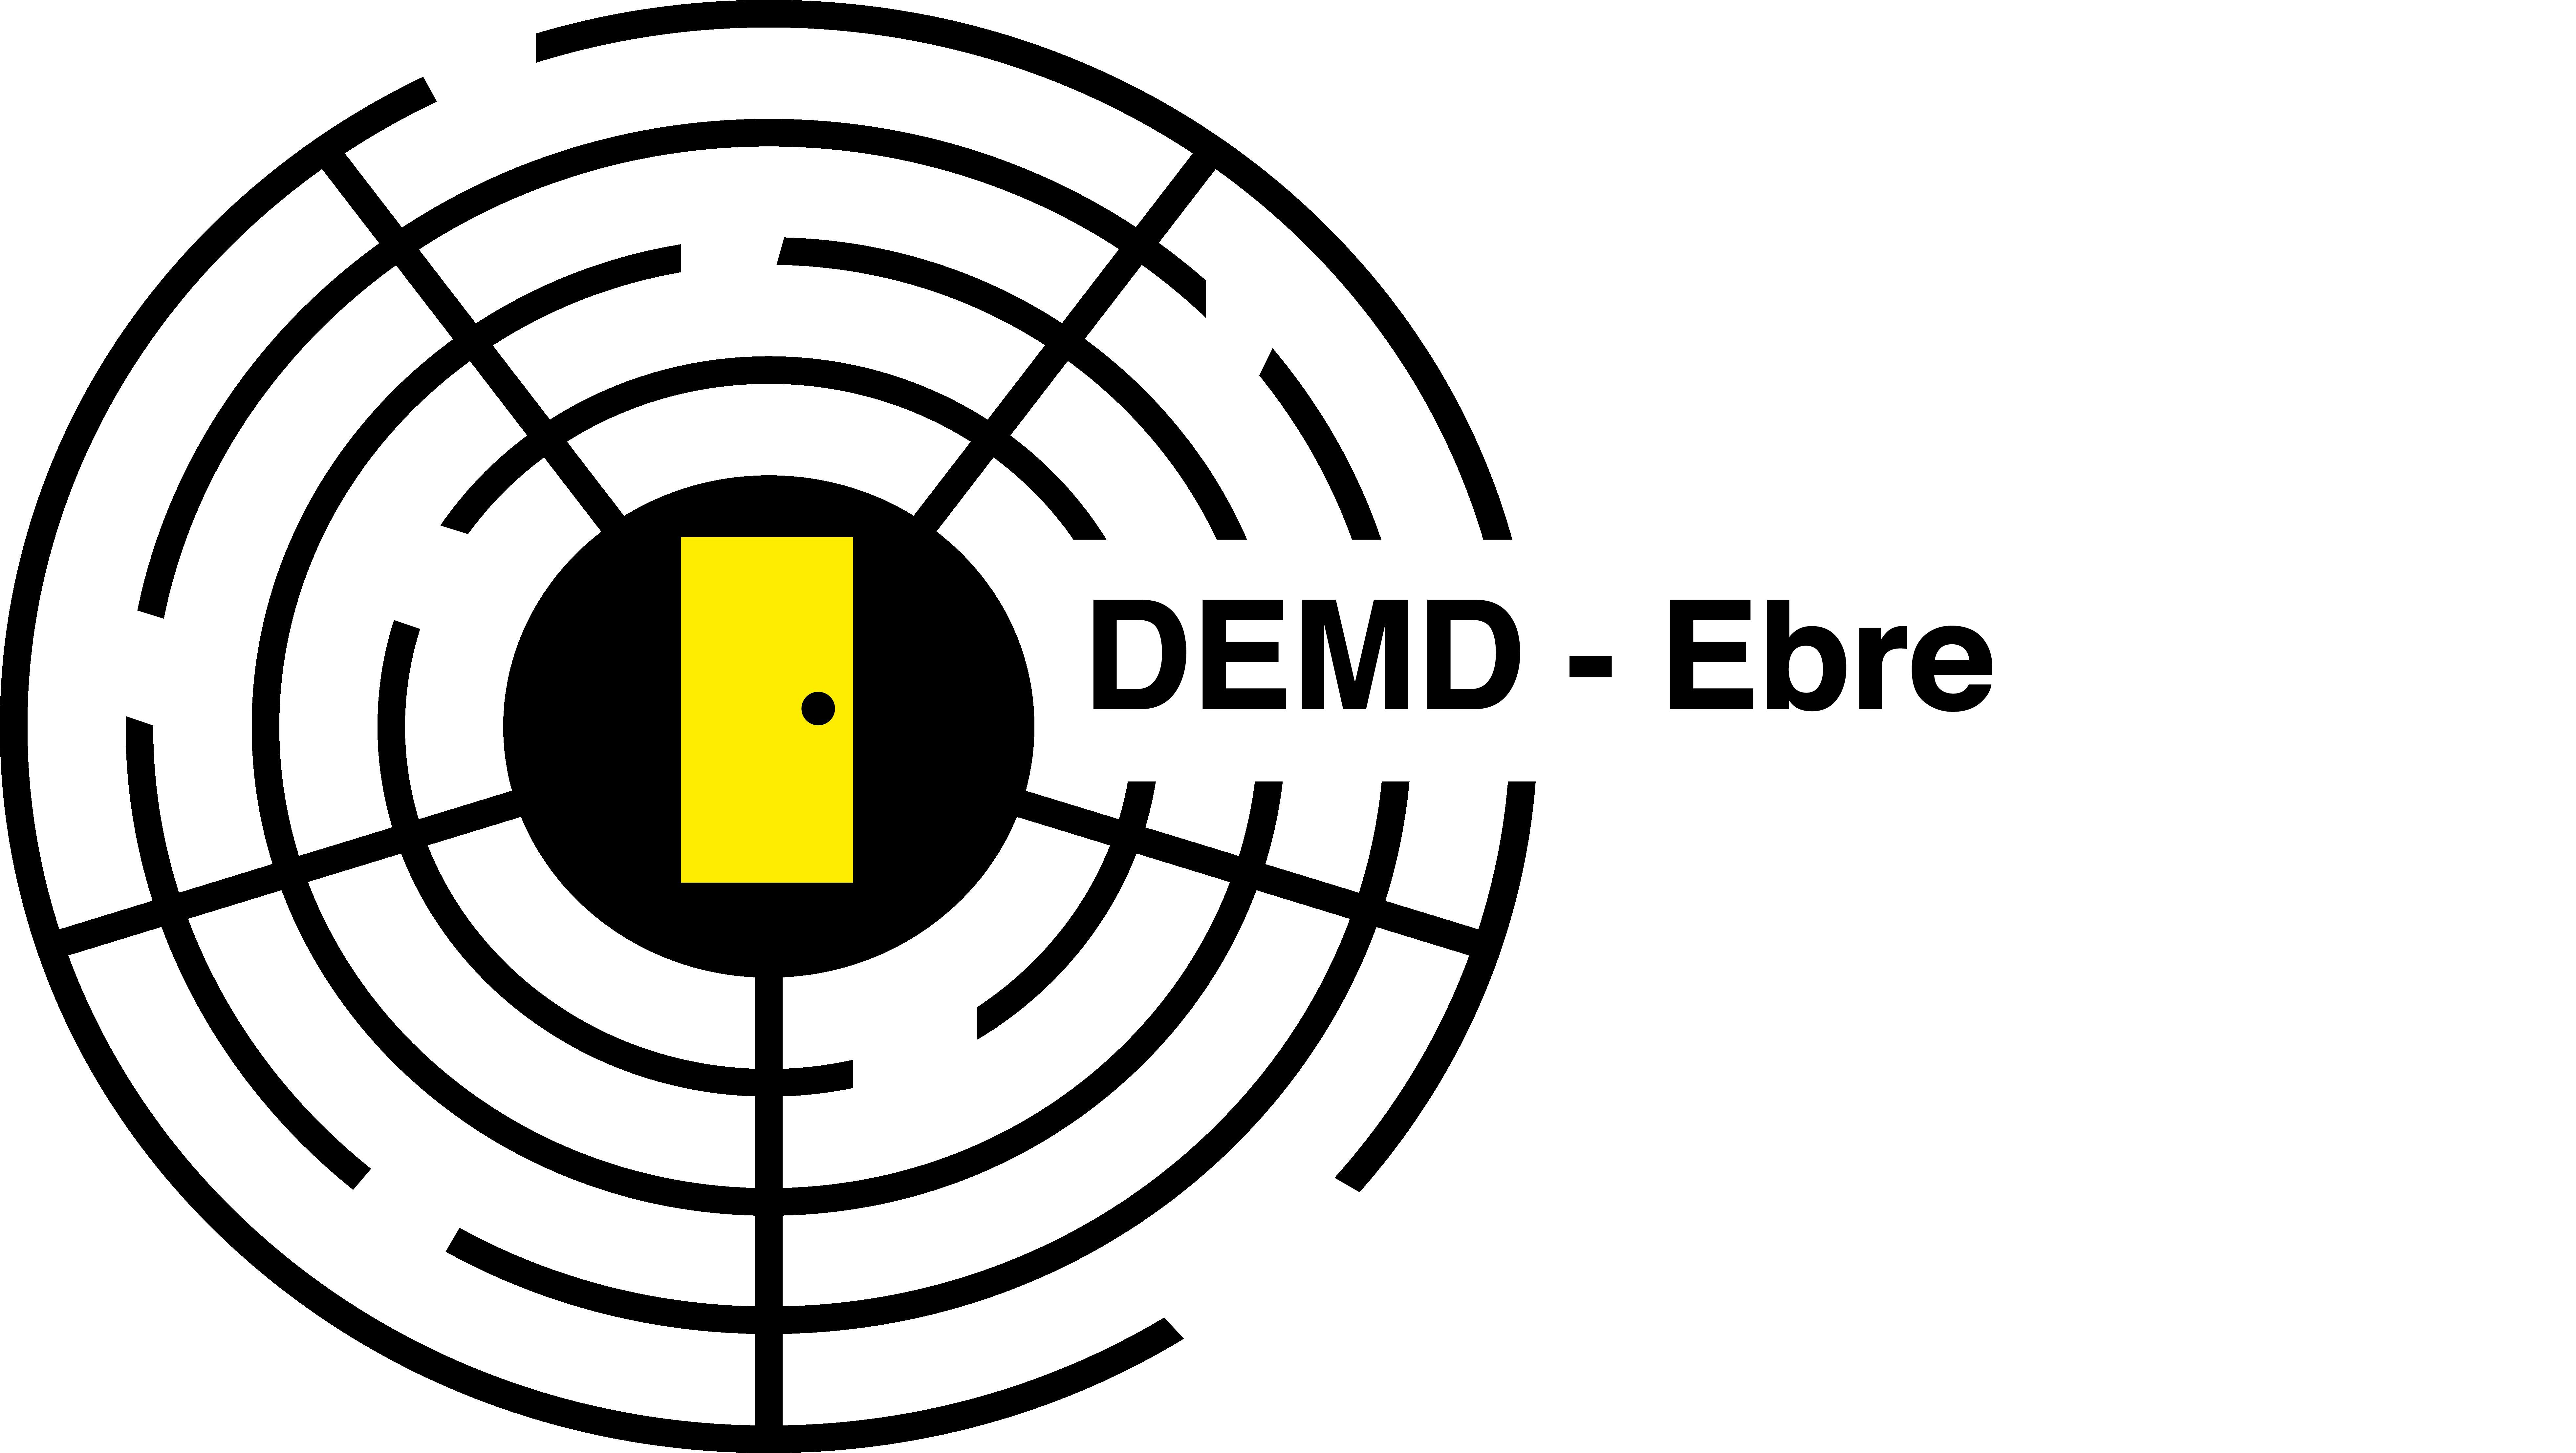 logo de DEMD-Ebre